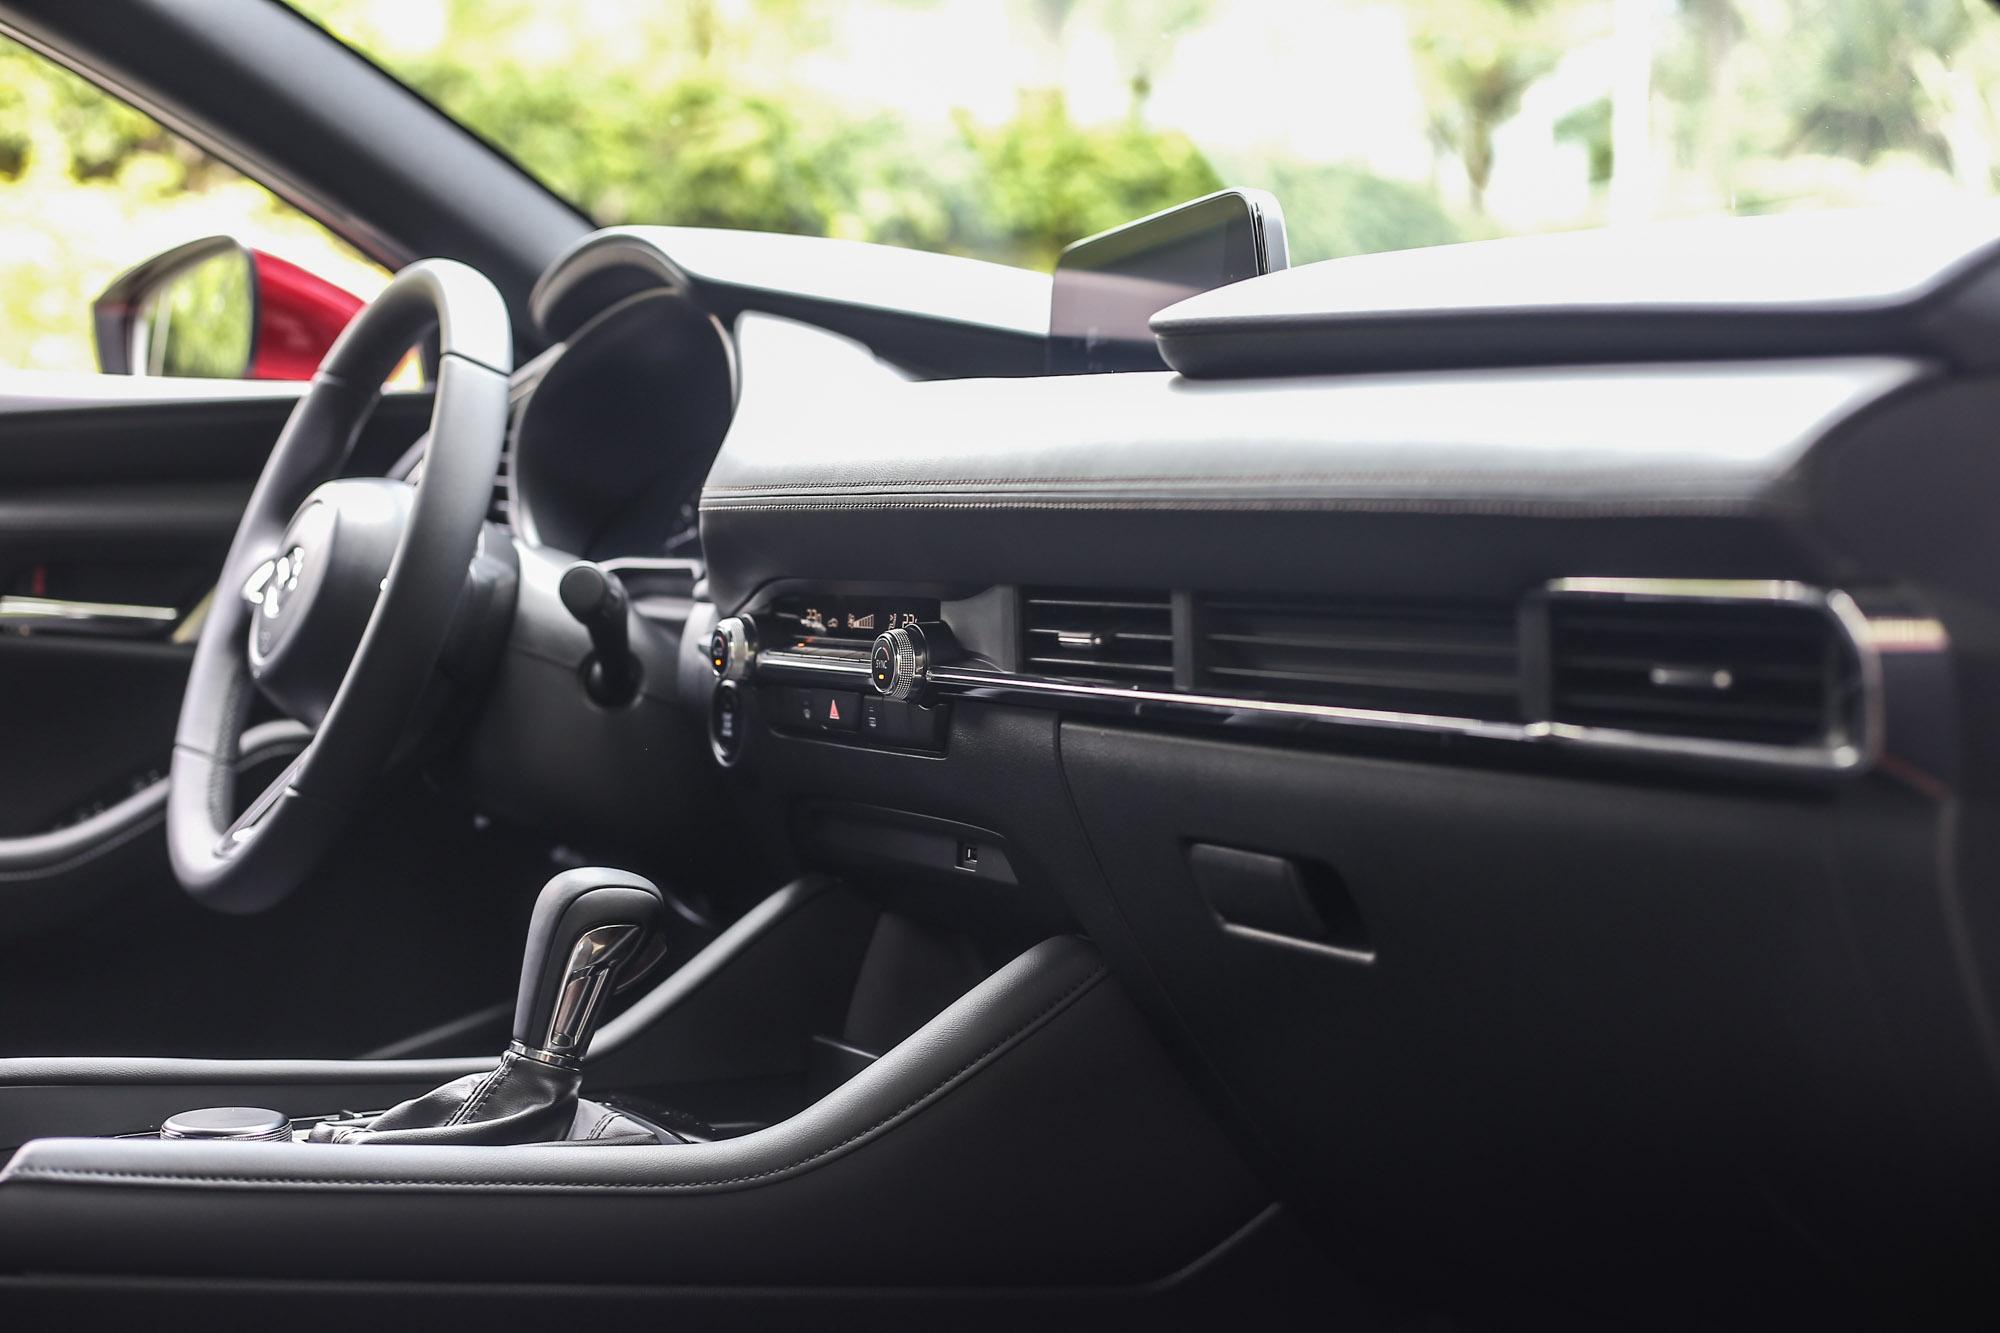 透過Mazda Connect 人機智慧資訊整合系統的整合,中控臺只剩下簡單的一層空調介面。簡單卻不陽春,是給人的直接感受。